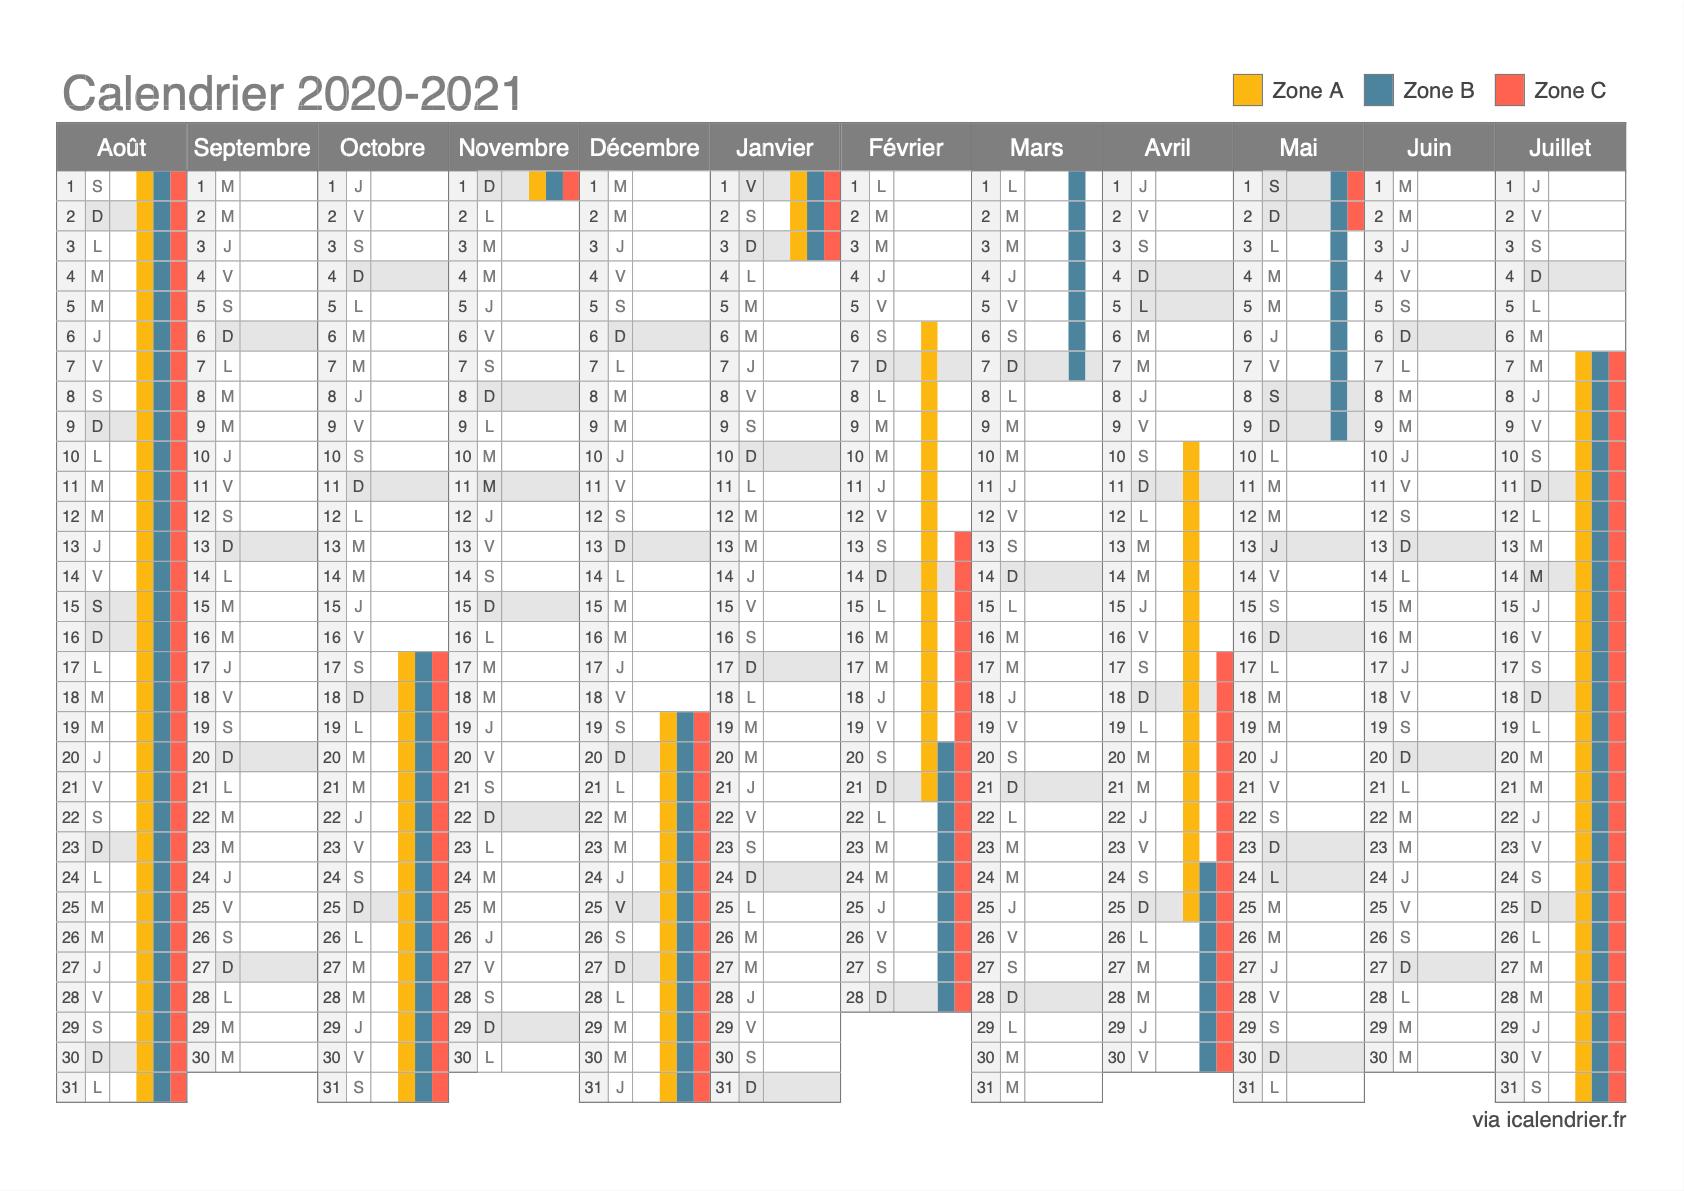 Vacances Scolaire 2020- 2021 Calendrier